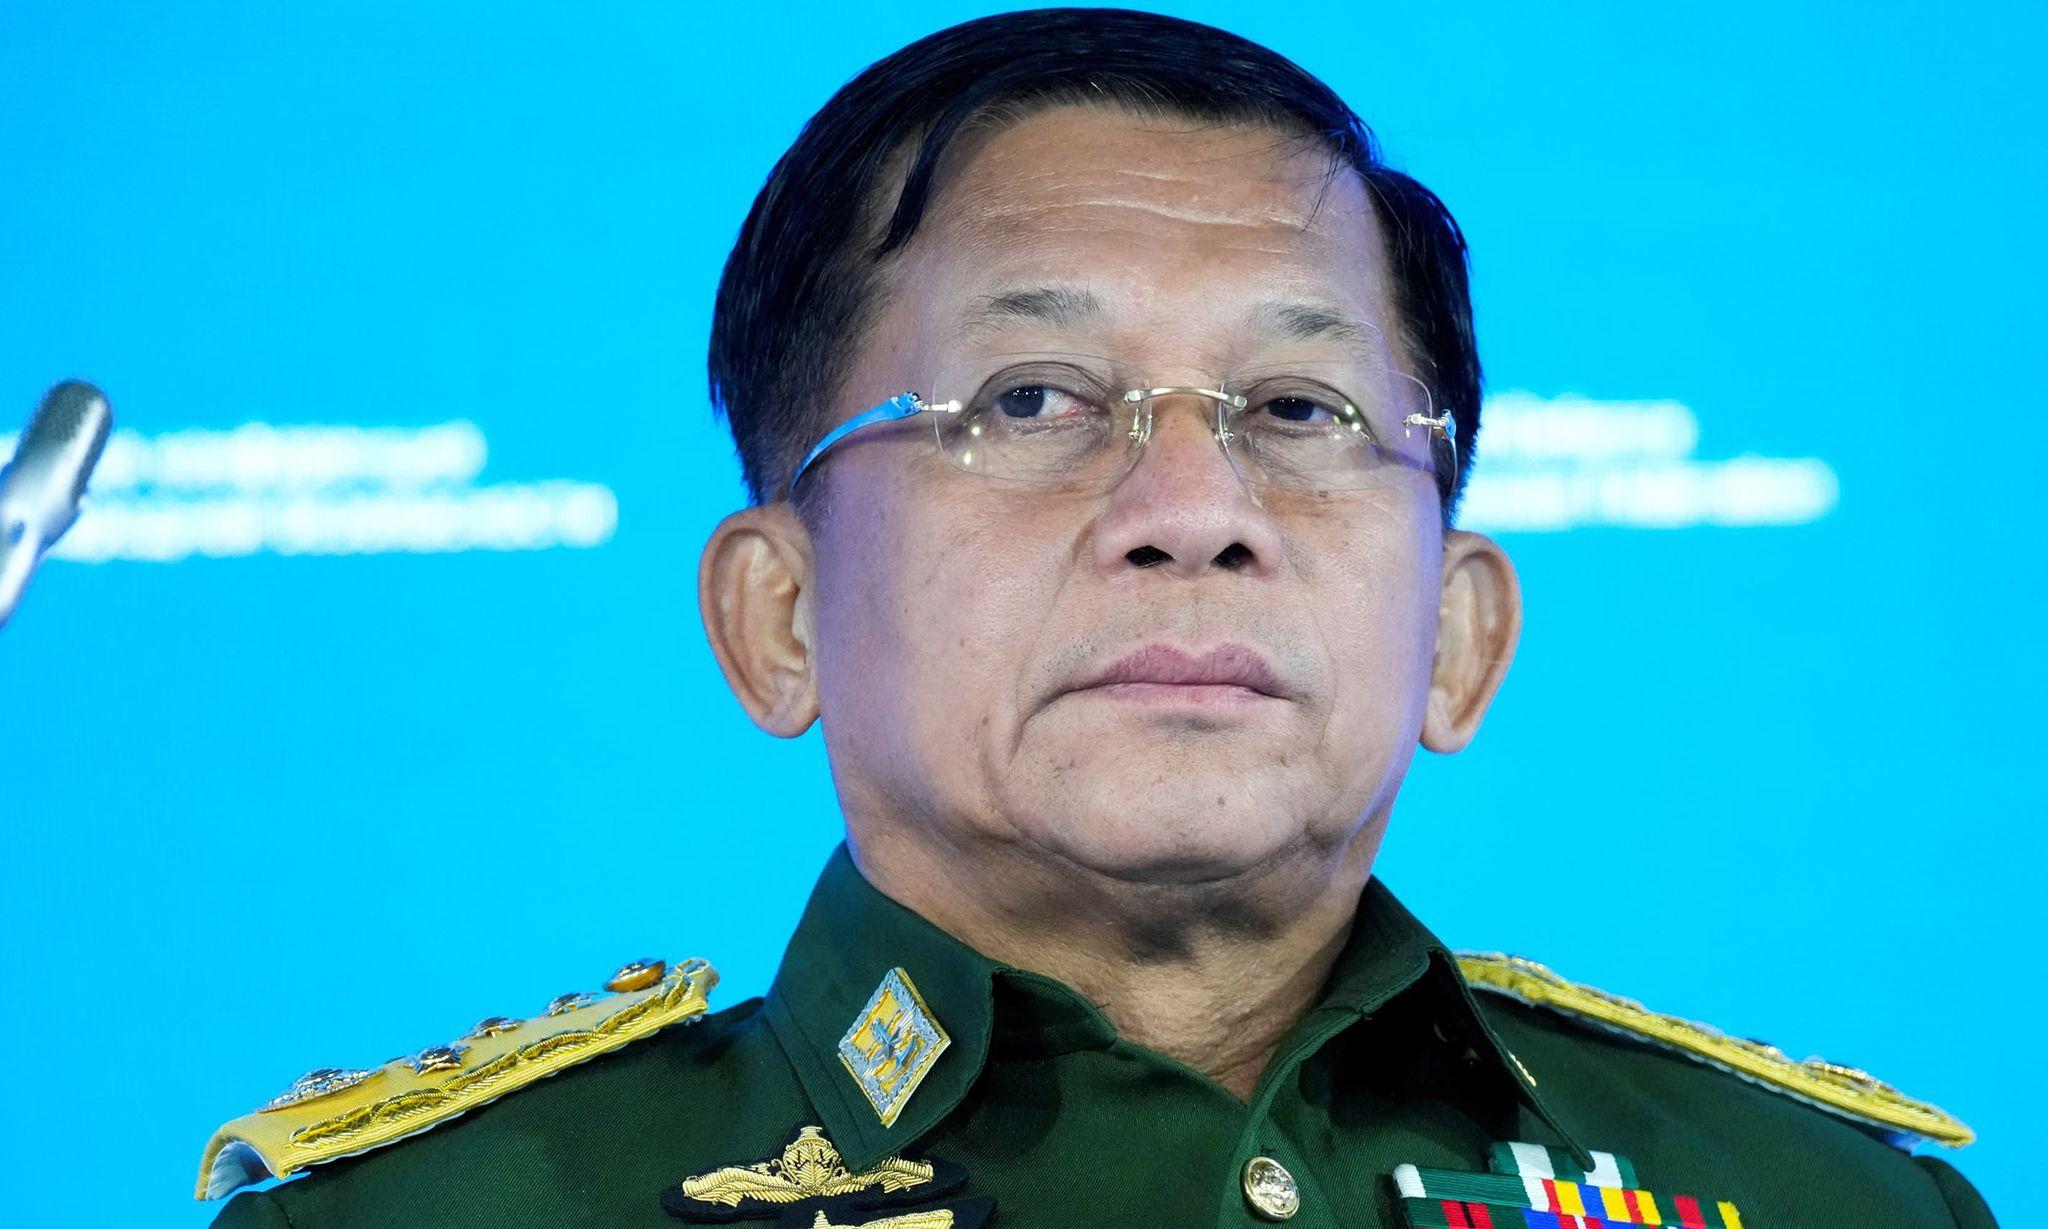 Thống tướng Min Aung Hlaing tại hội nghị ở Moskva, Nga, hôm 23/6. Ảnh: Reuters.